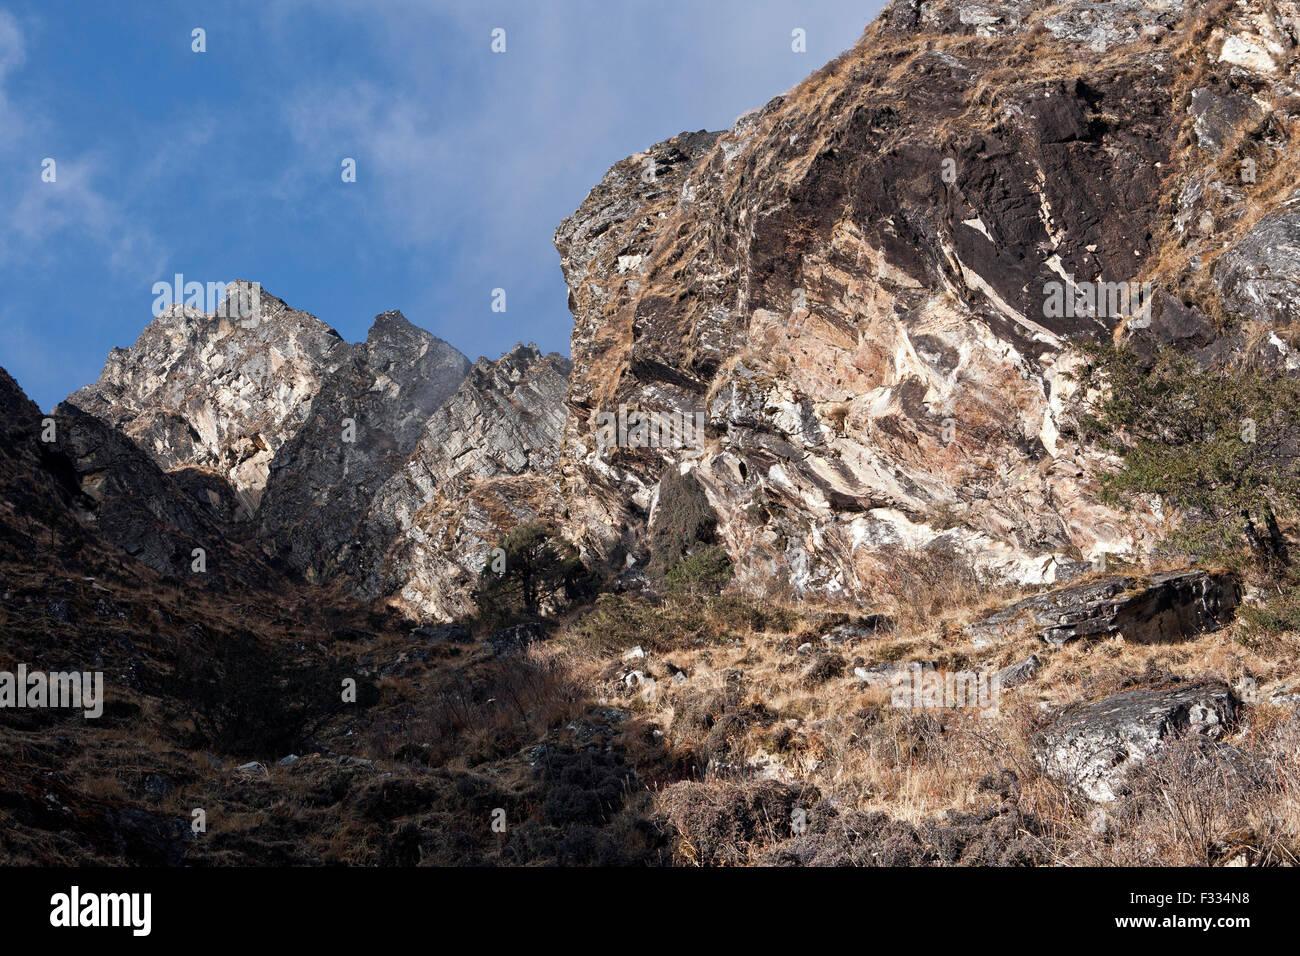 Eroded rocks seen in Khumbu region Nepal - Stock Image